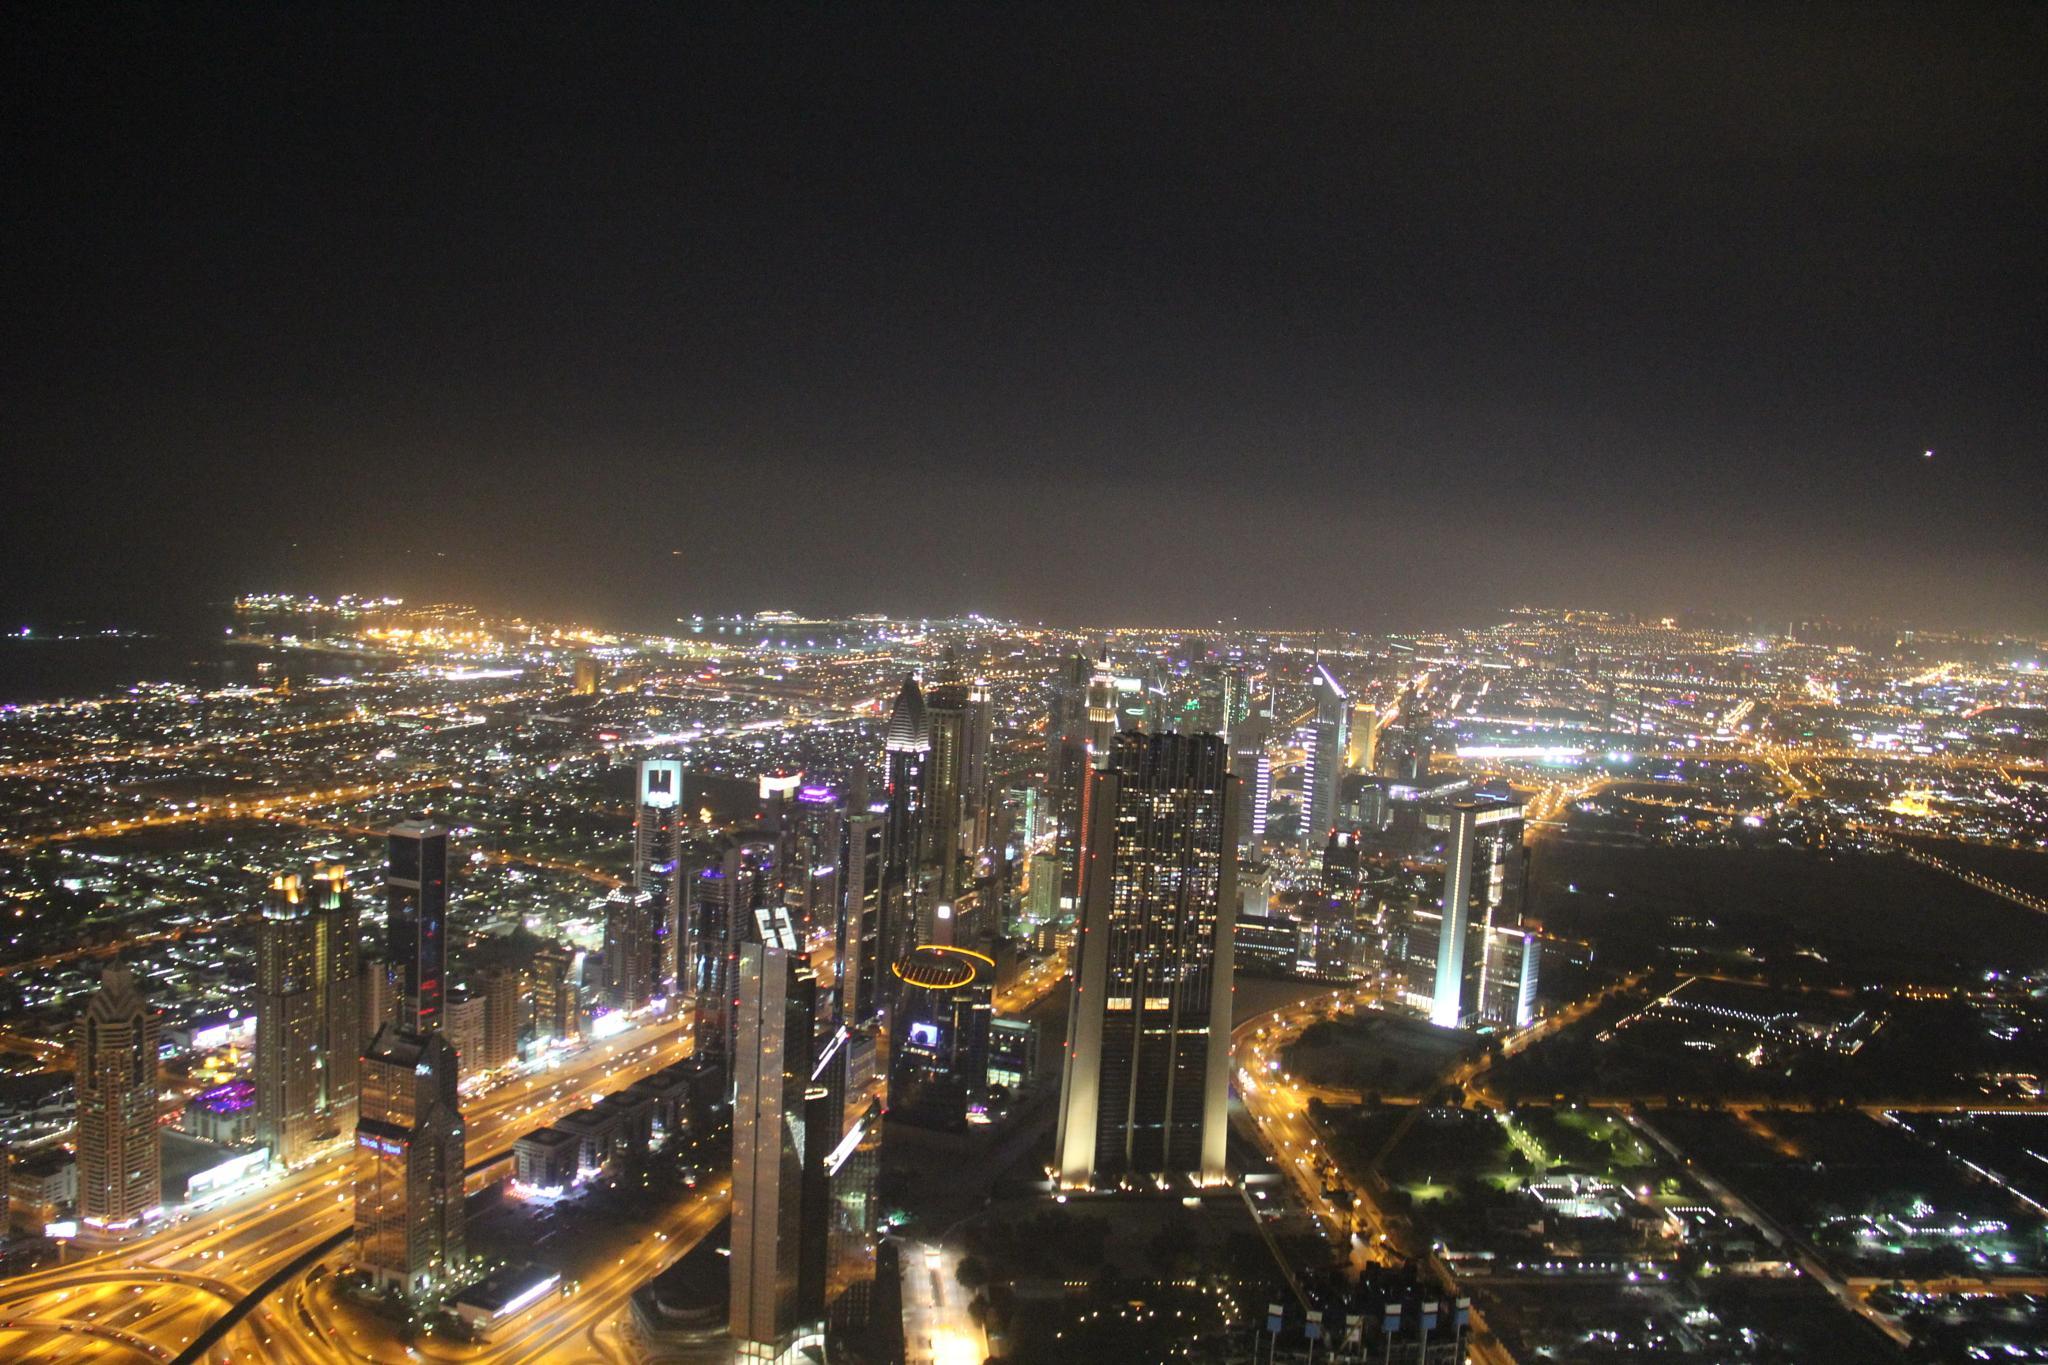 Dubai City Night View by Pranav Desai